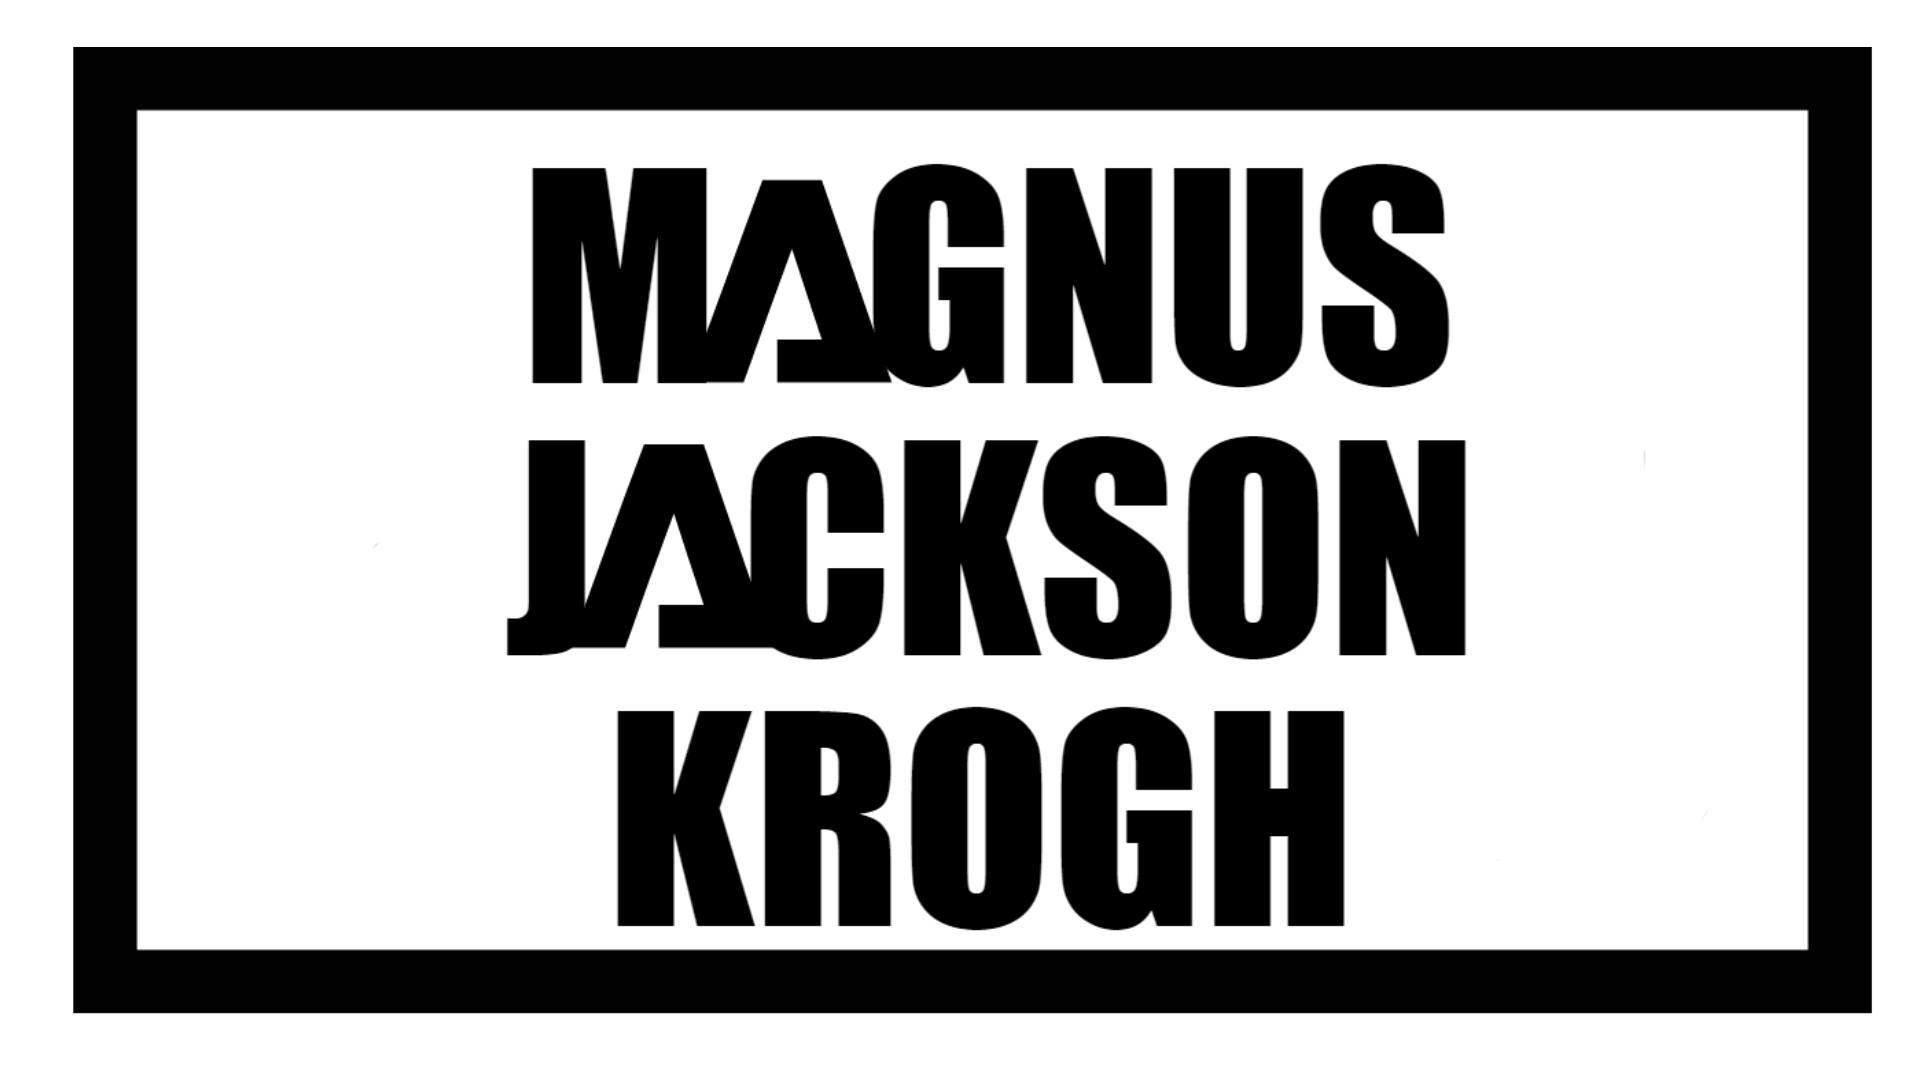 MAGNUS JACKSON KROGH